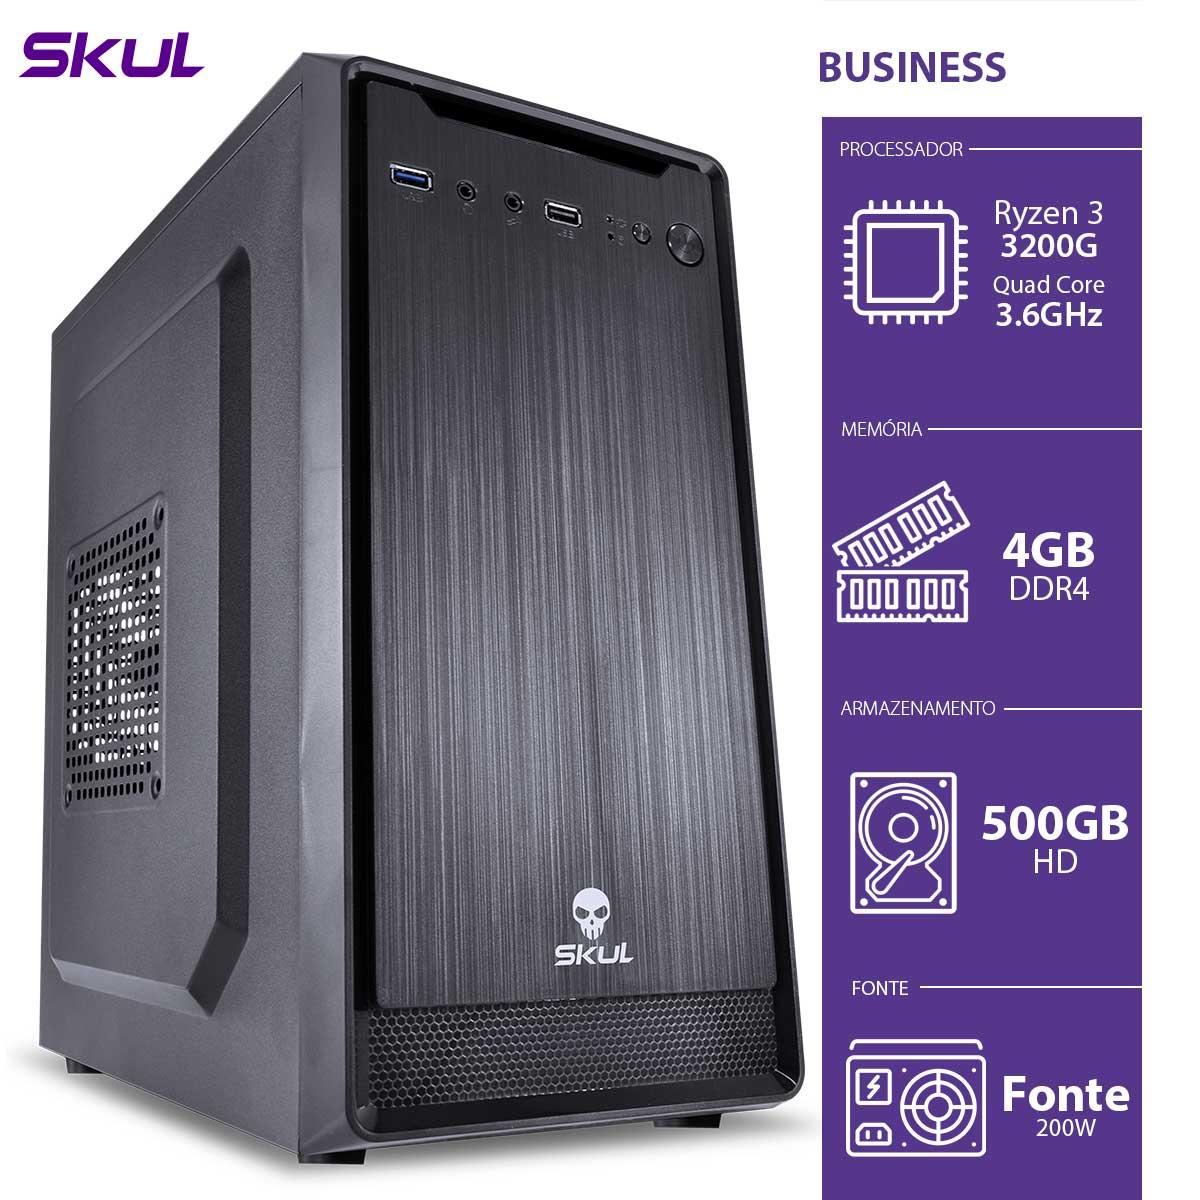 Computador Business B300 - R3-3200G 3.6GHZ 4GB DDR4 HD 500GB HDMI/VGA Fonte 200W